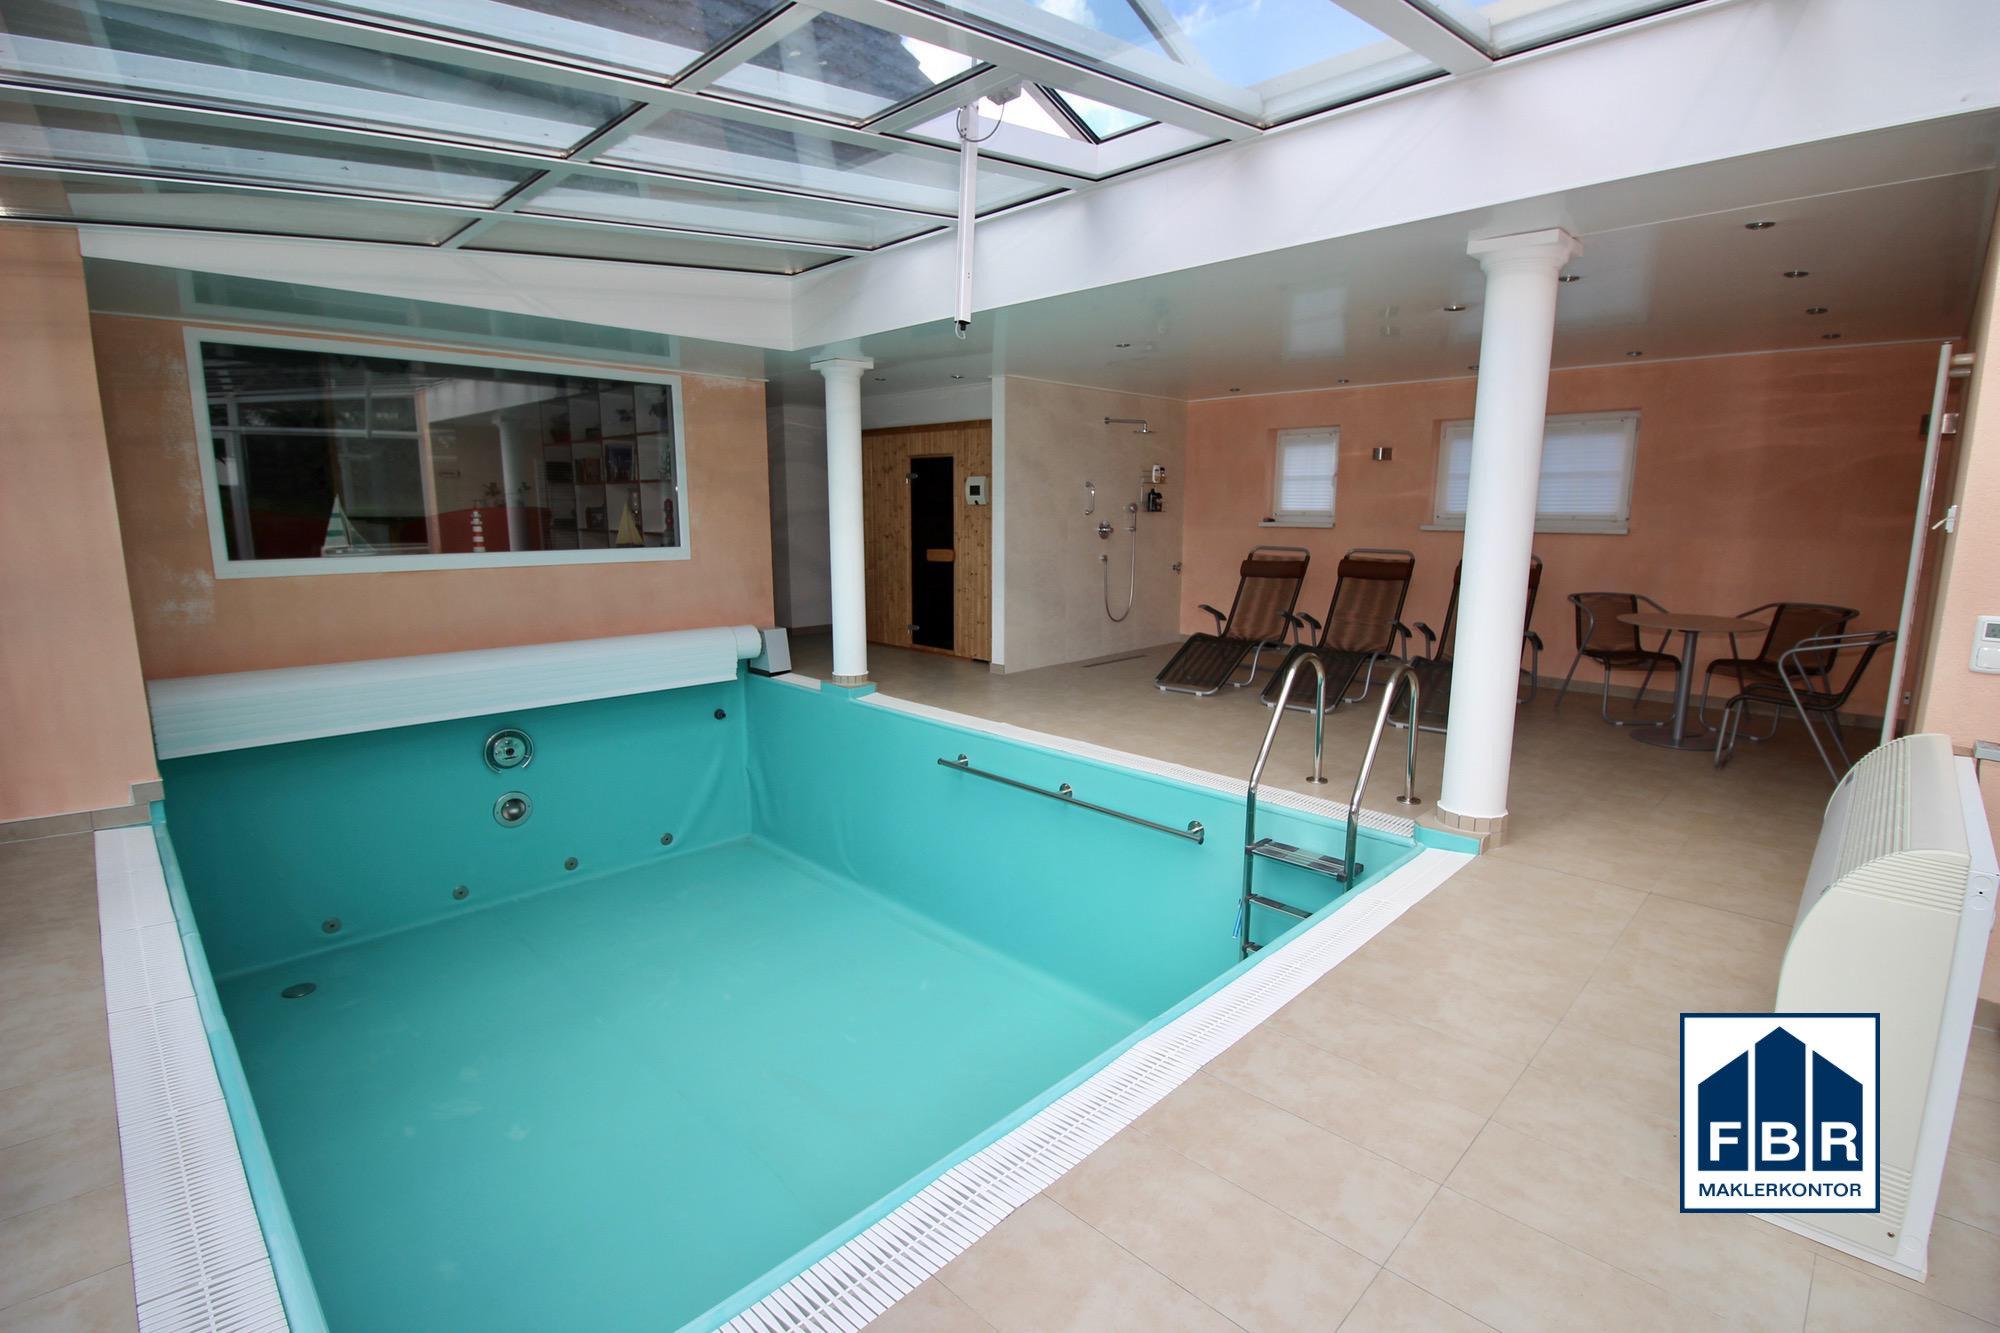 Schwimmbad mit Gegenstromanlage und Entspannungsbereich